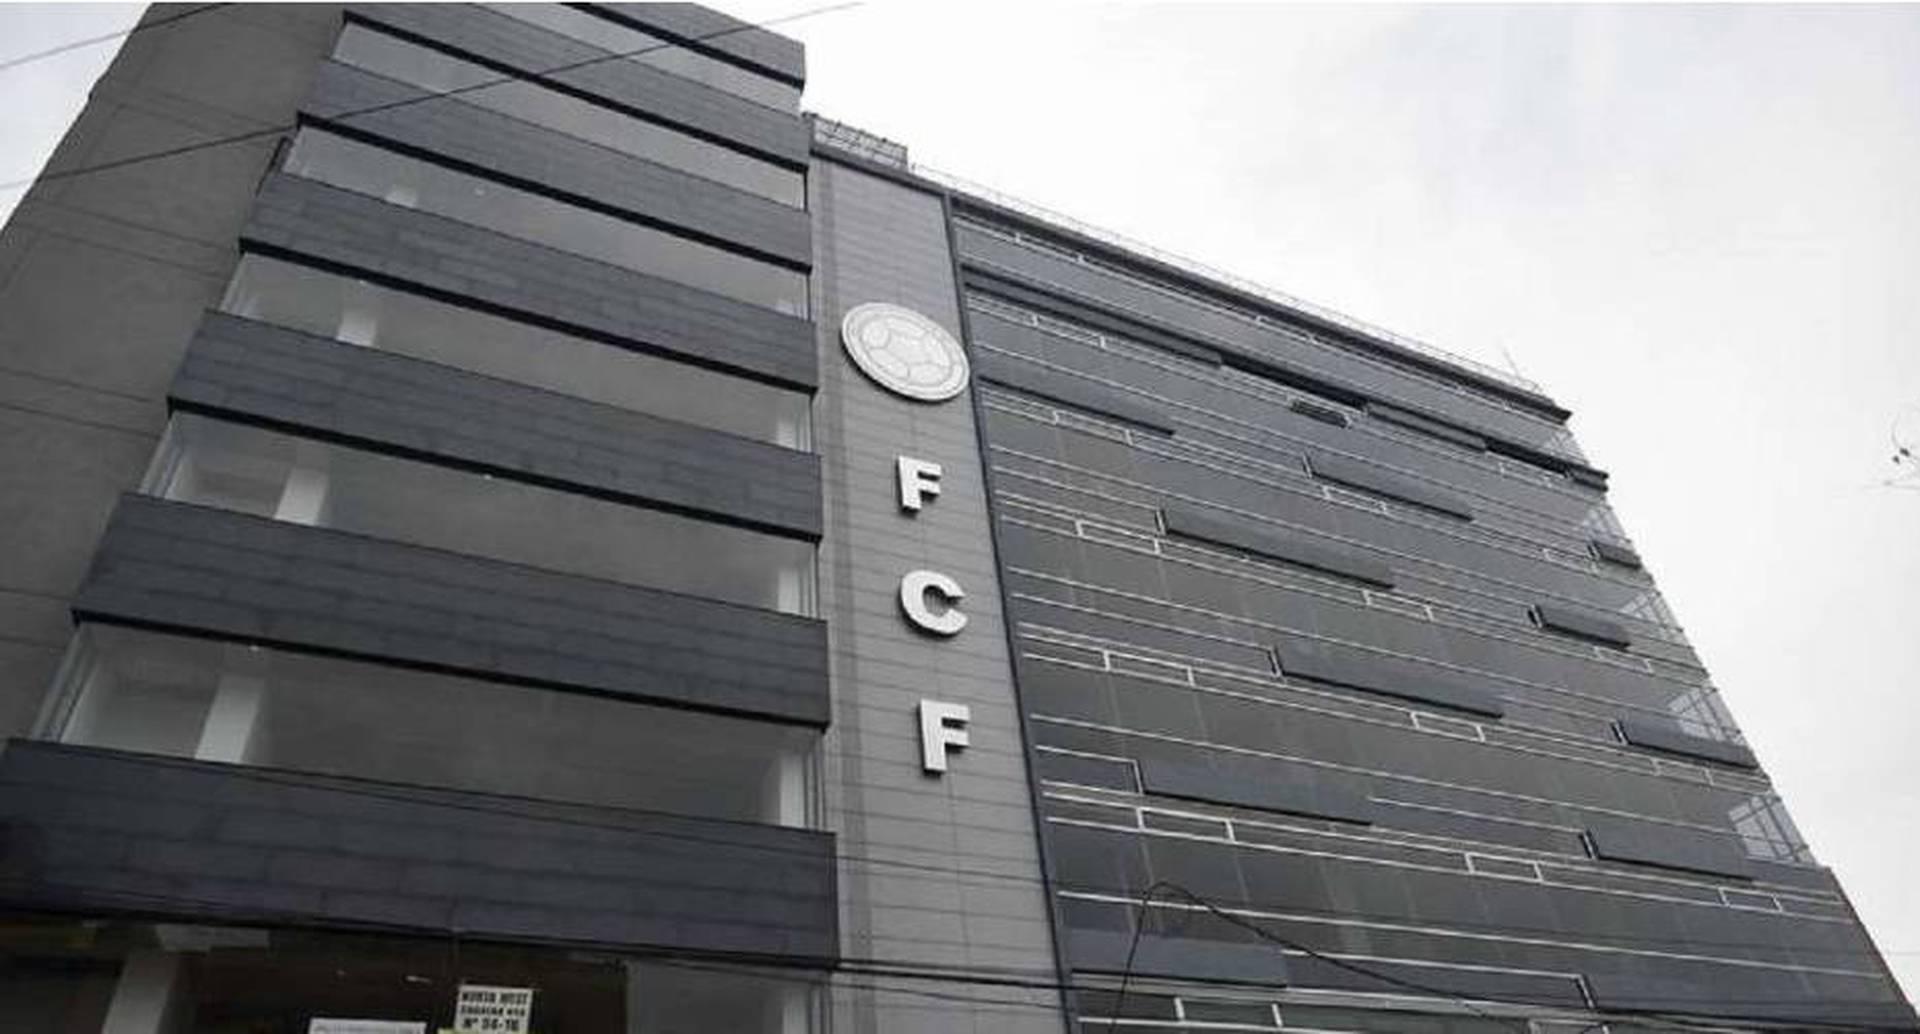 MinDeporte solicitó suspensión del comité ejecutivo de Fedefútbol | Colombia hoy